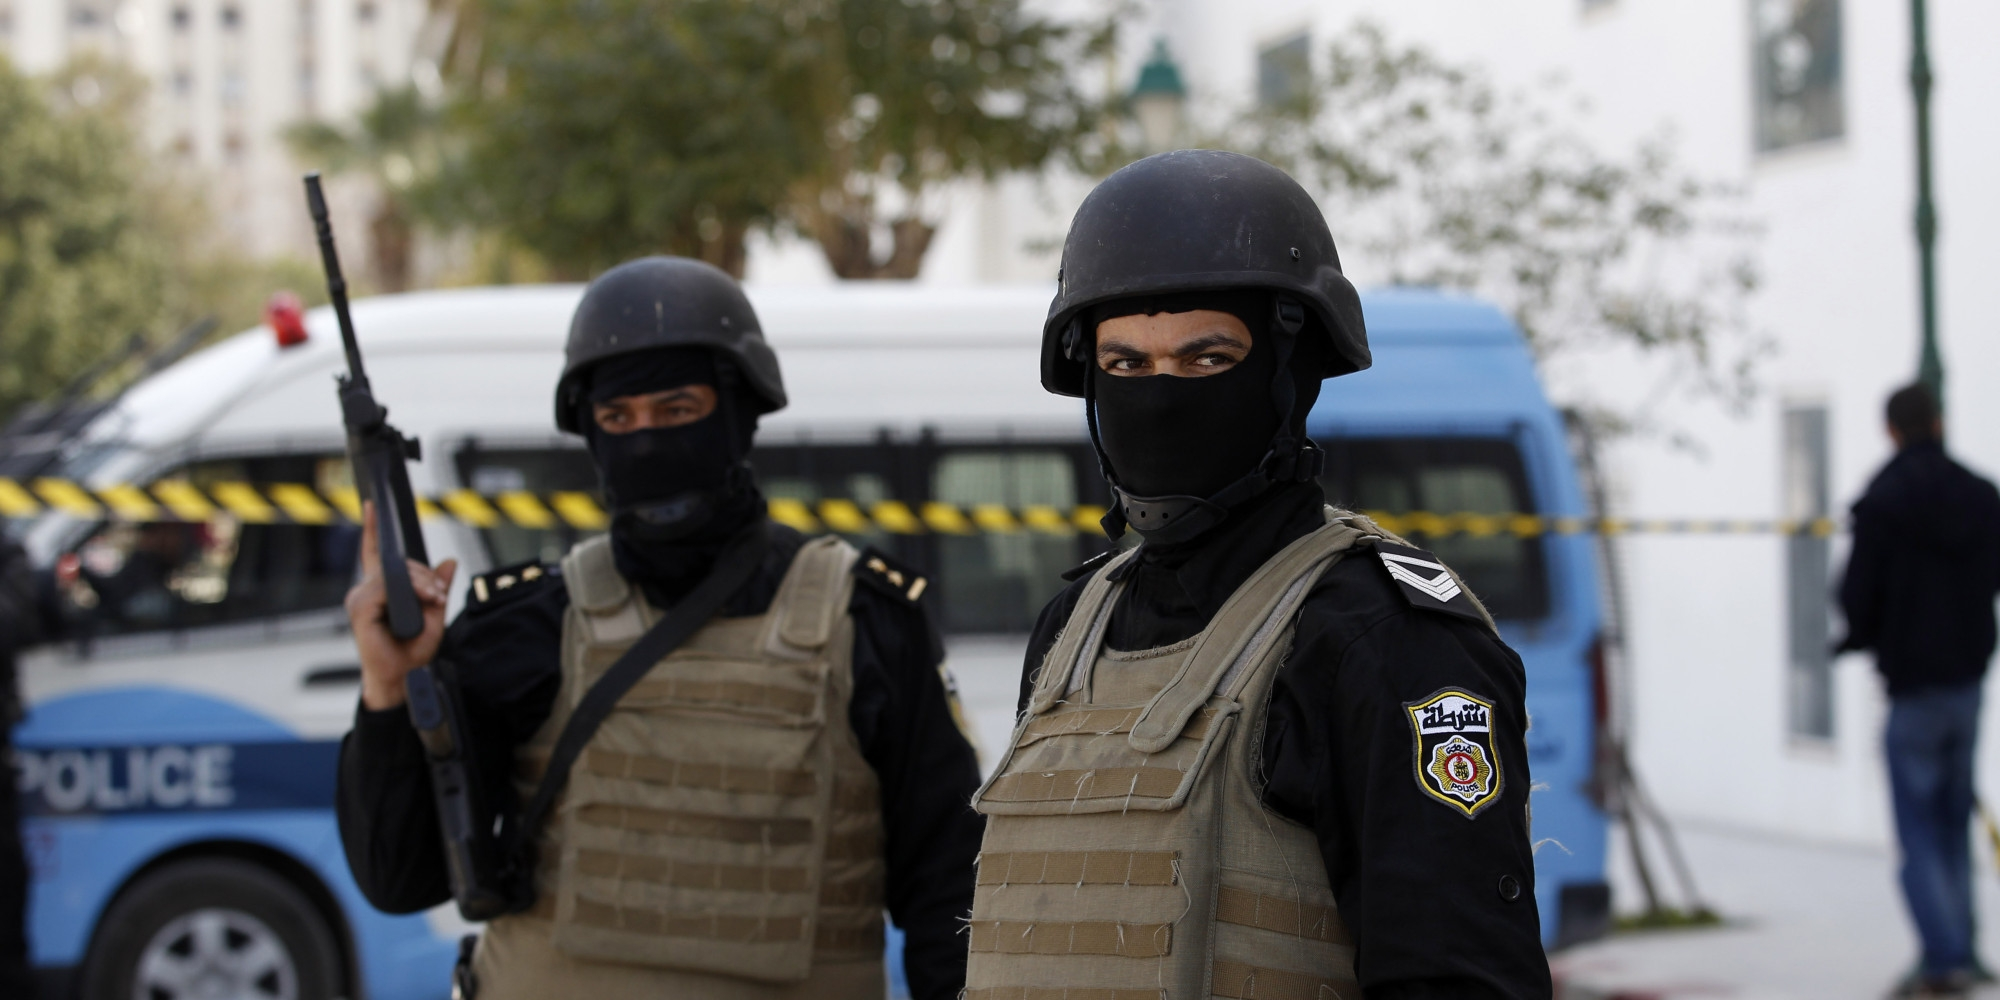 ليبيا المستقبل       تونس: مشروع قانون قد يعطي قوات الأمن الضوء الأخضر لاستخدام القوة المميتة غير الضرورية